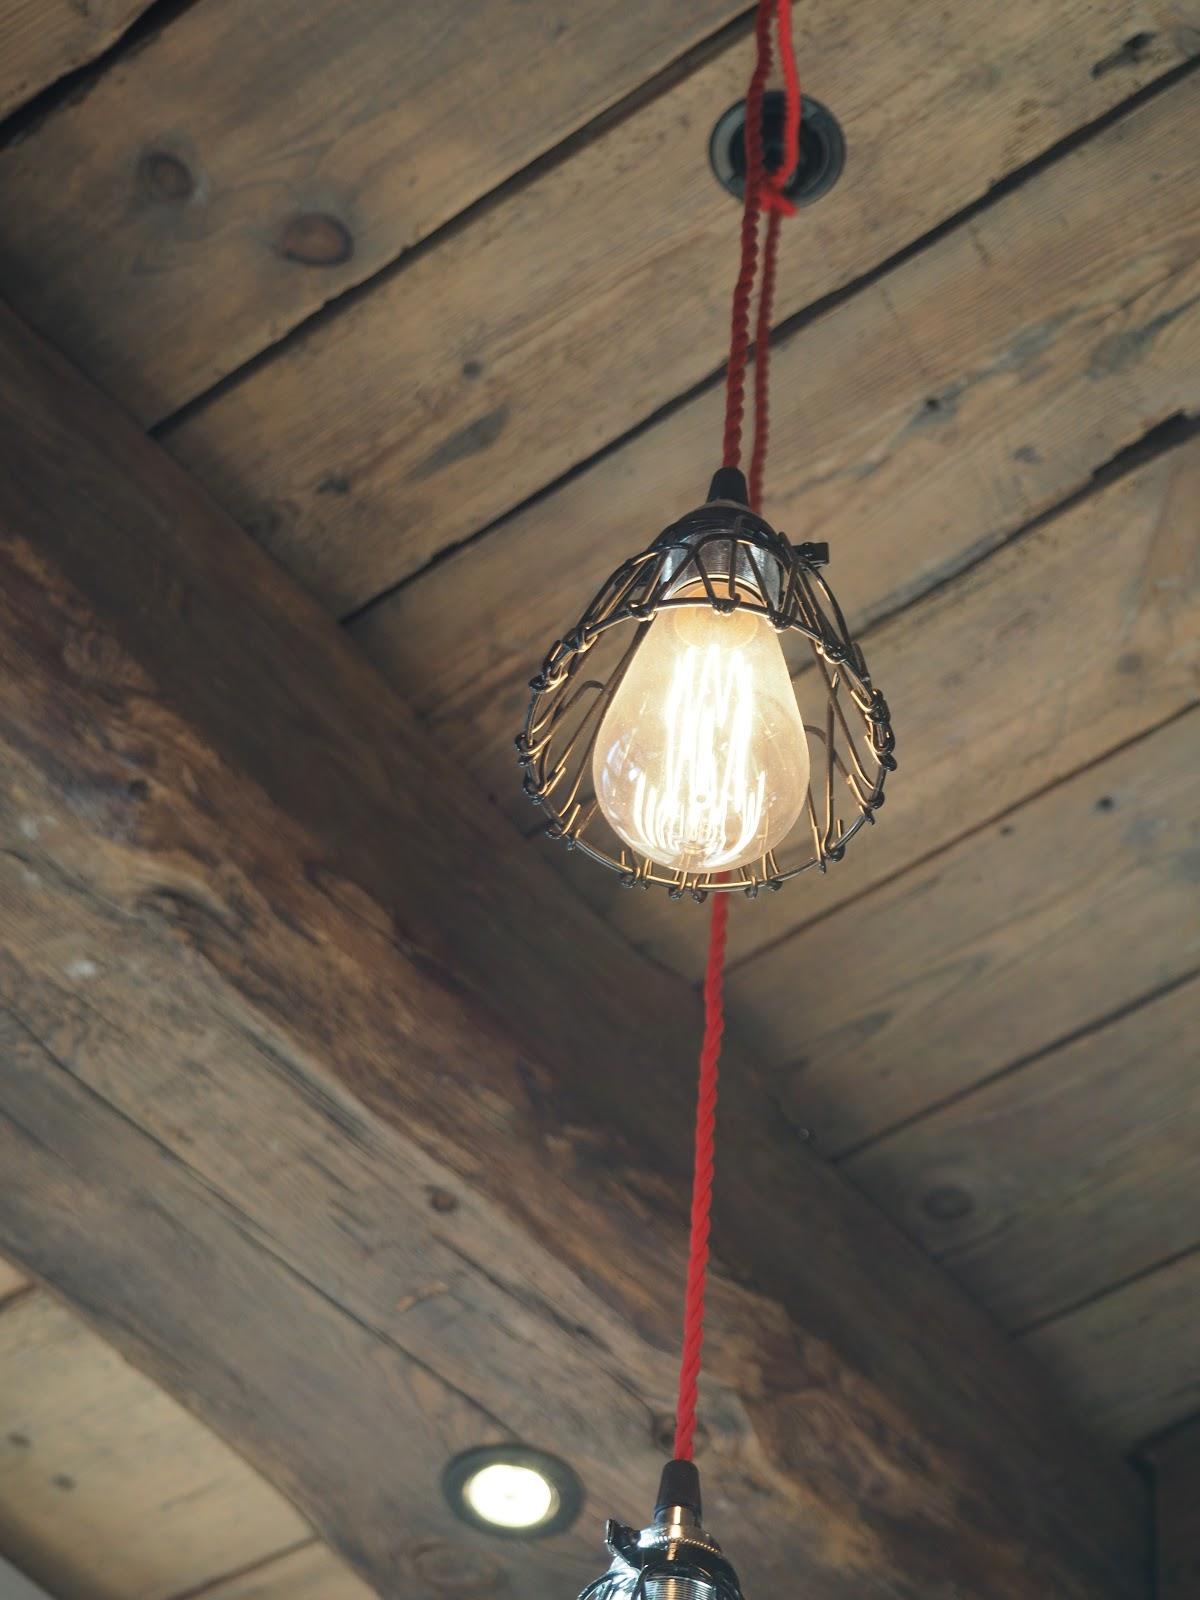 Light bulb, La Baraque interior in Val d'isere, France